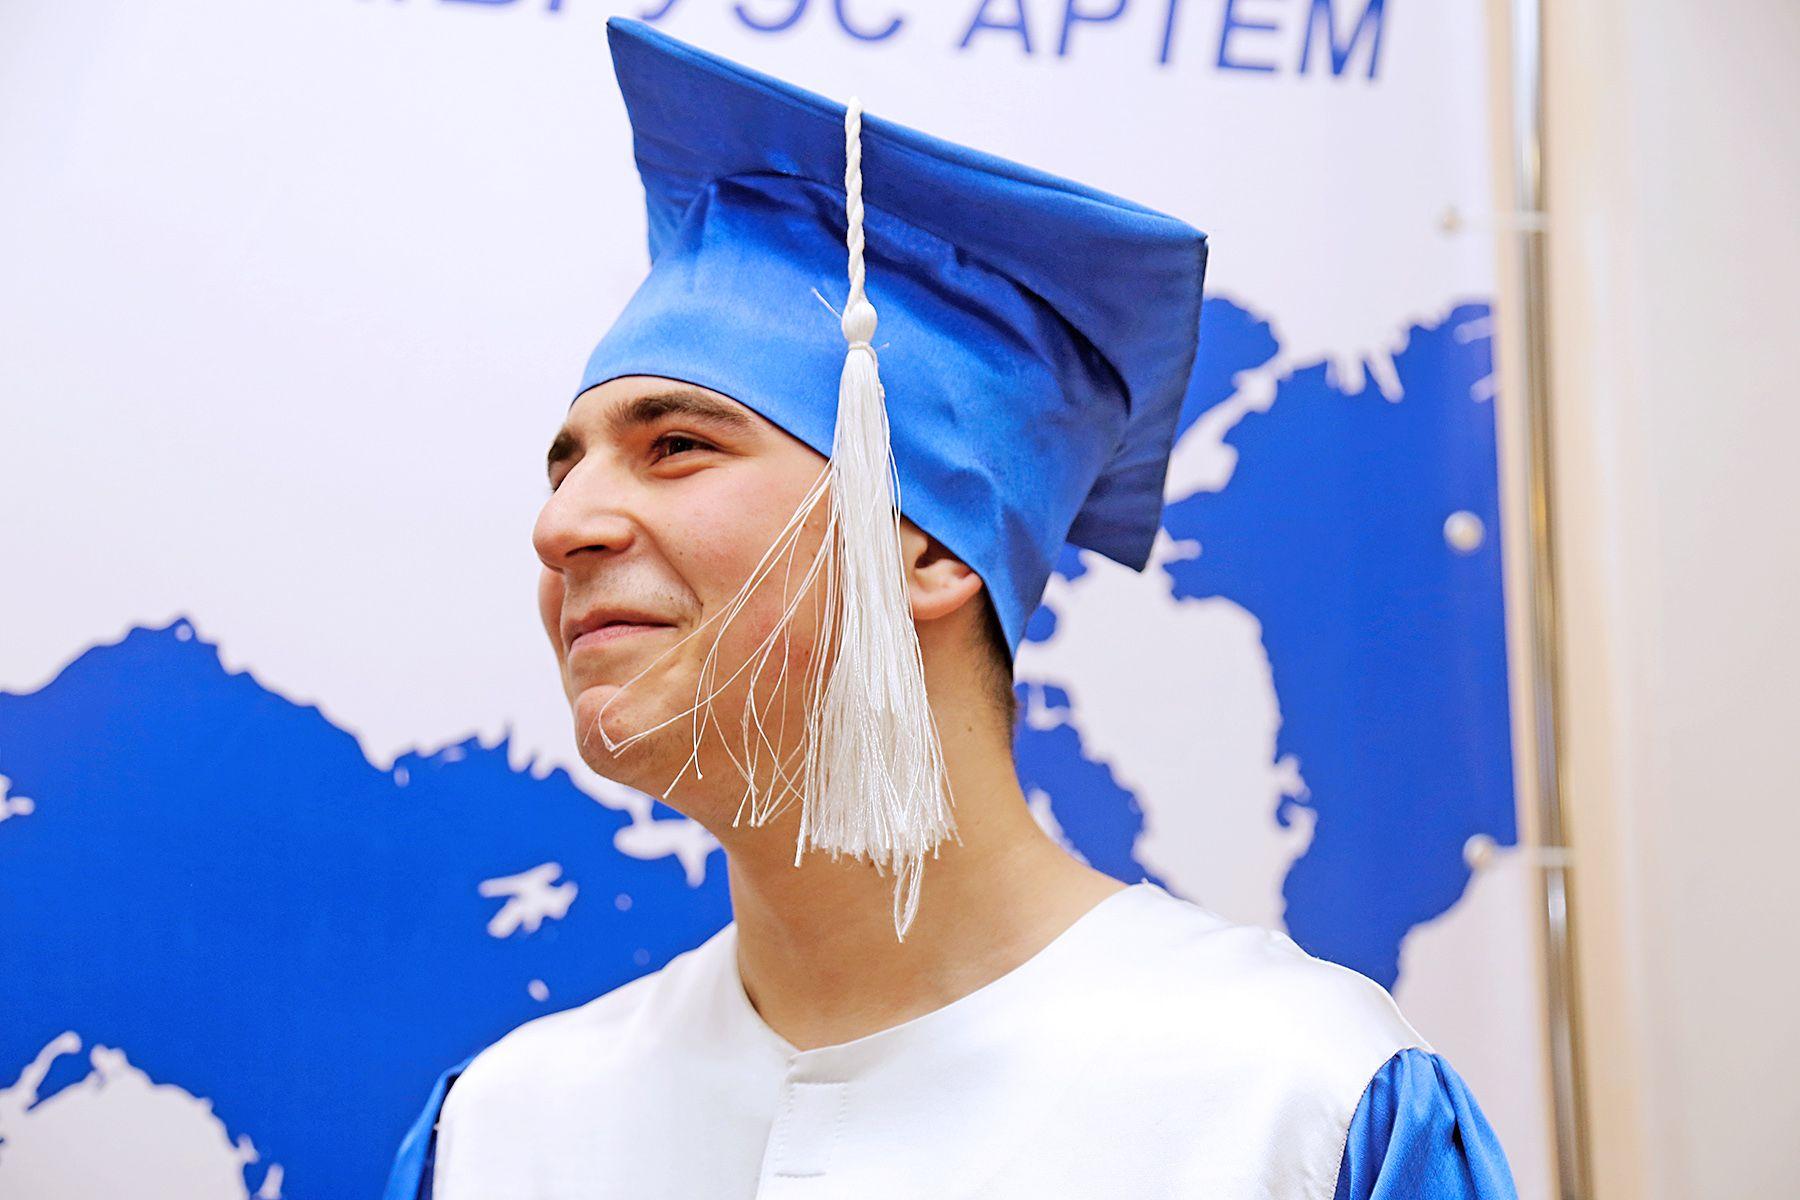 Время молодых - время ВГУЭС: филиал университета отметил 20-летний юбилей